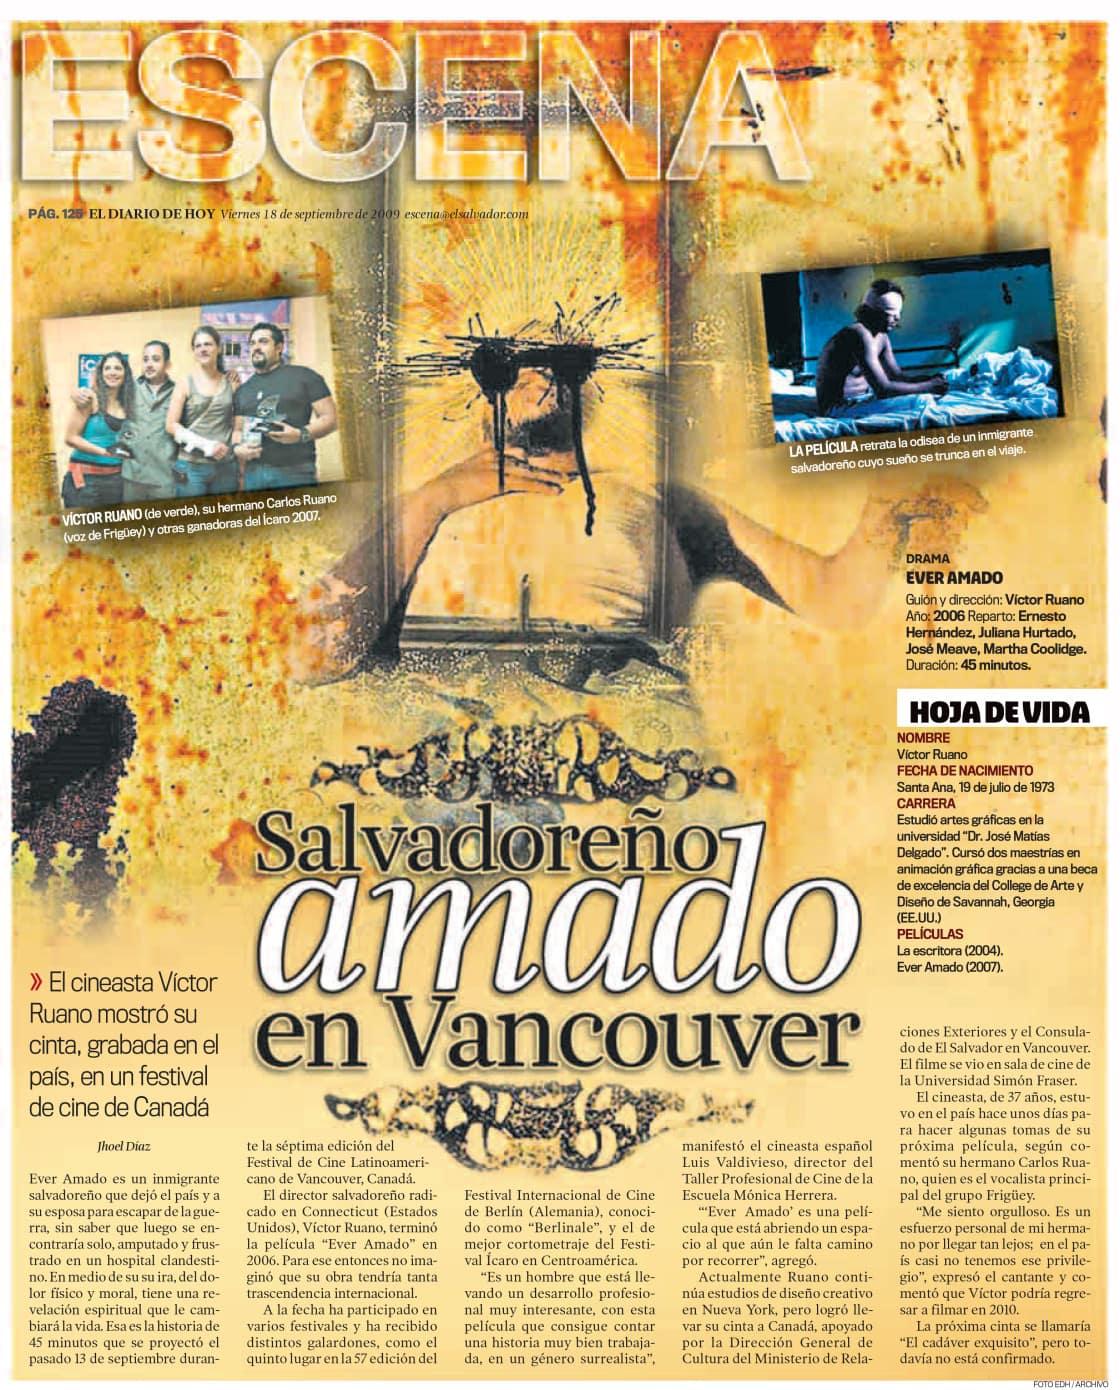 ever-amado-diario-hoy-2-victor-ruano